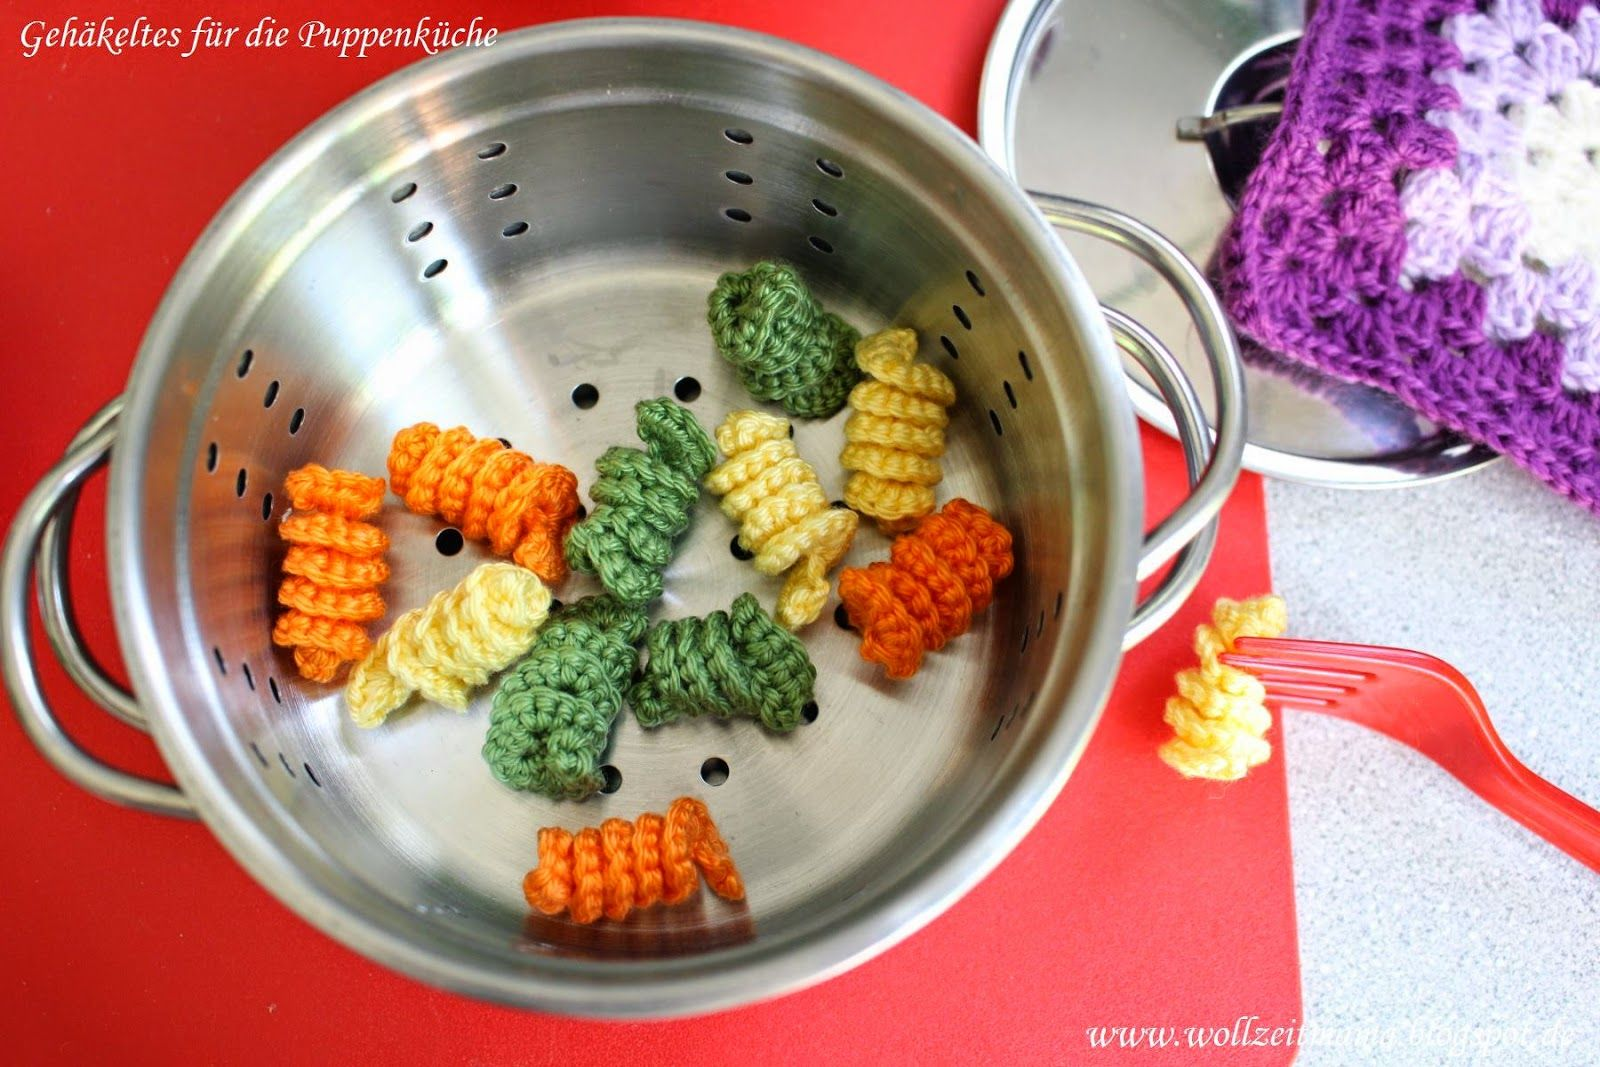 Photo of Häkeln für Puppenküche und Lebensmittelgeschäft: bunte Spirelli, mit kostenlosem …